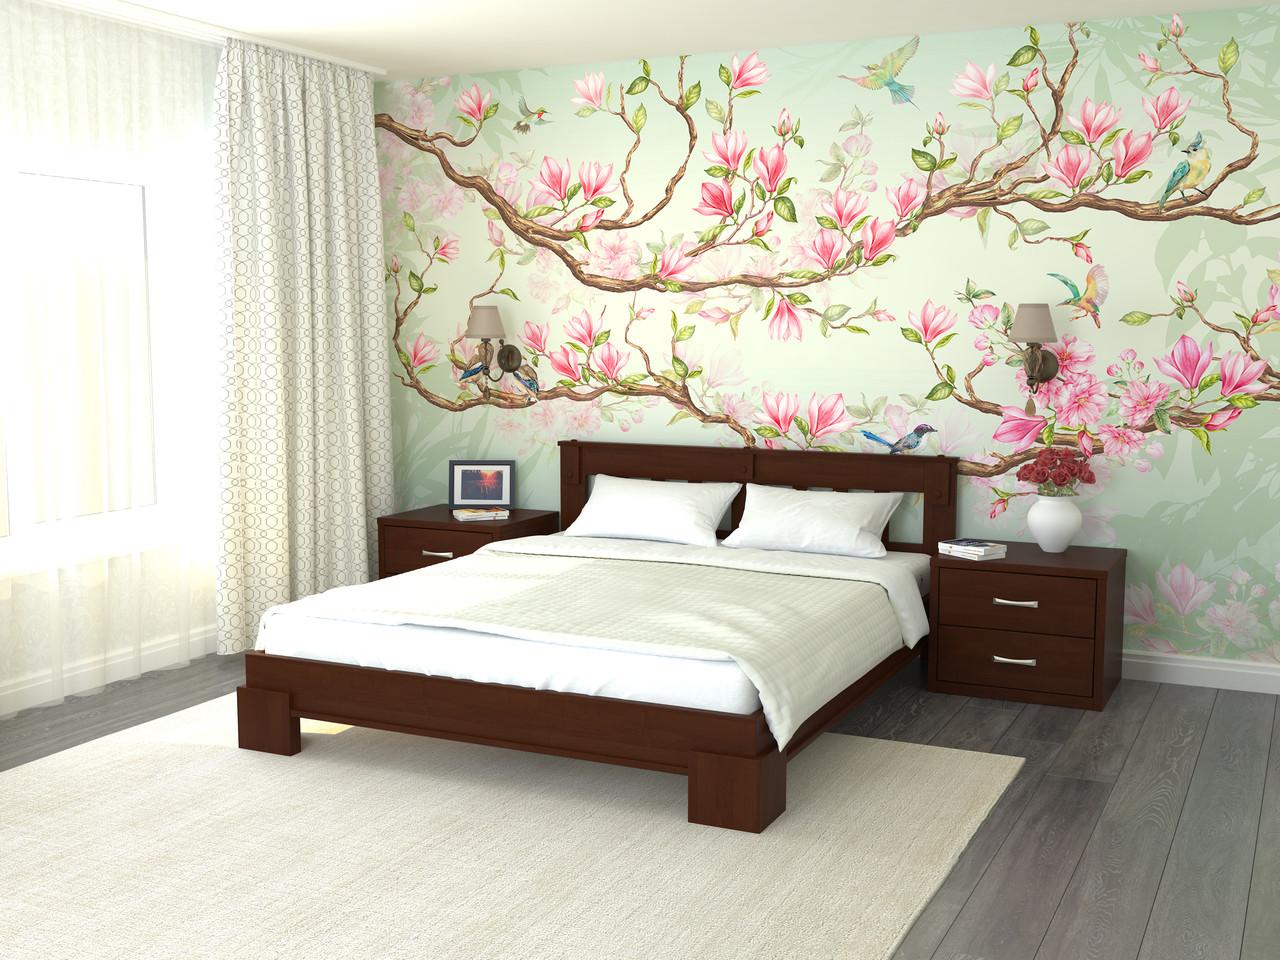 Двуспальная кровать с ламелями Ярина (дерево) 160х200см Летро